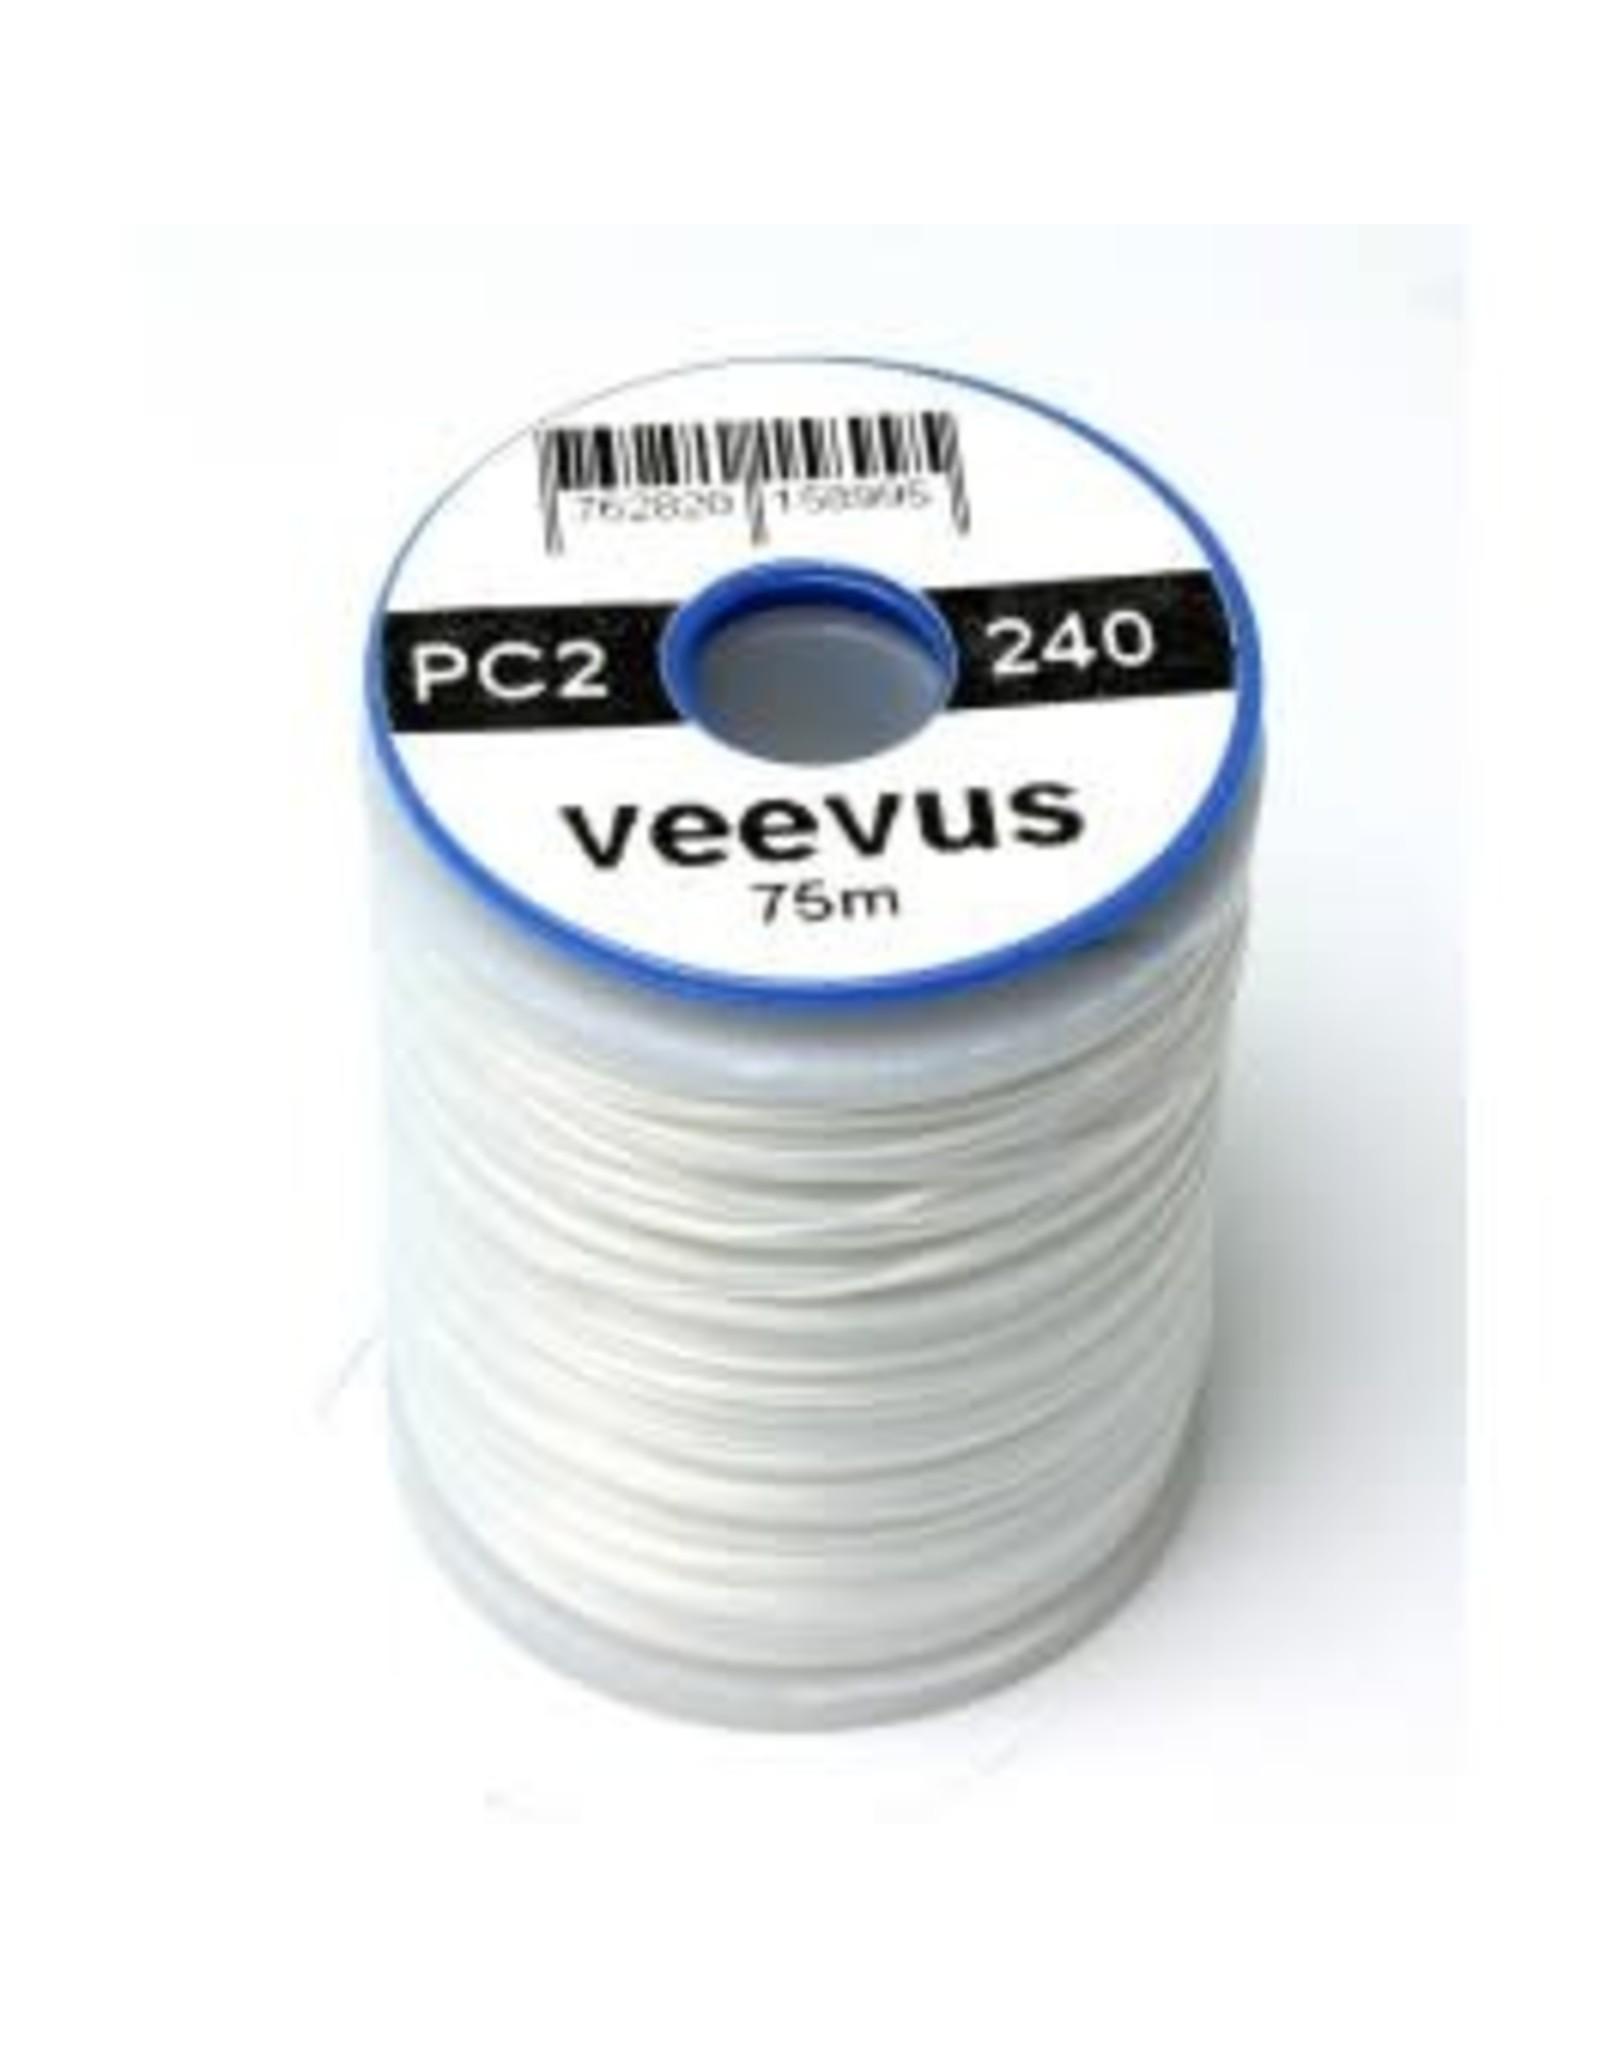 Veevus 240 White Power Thread